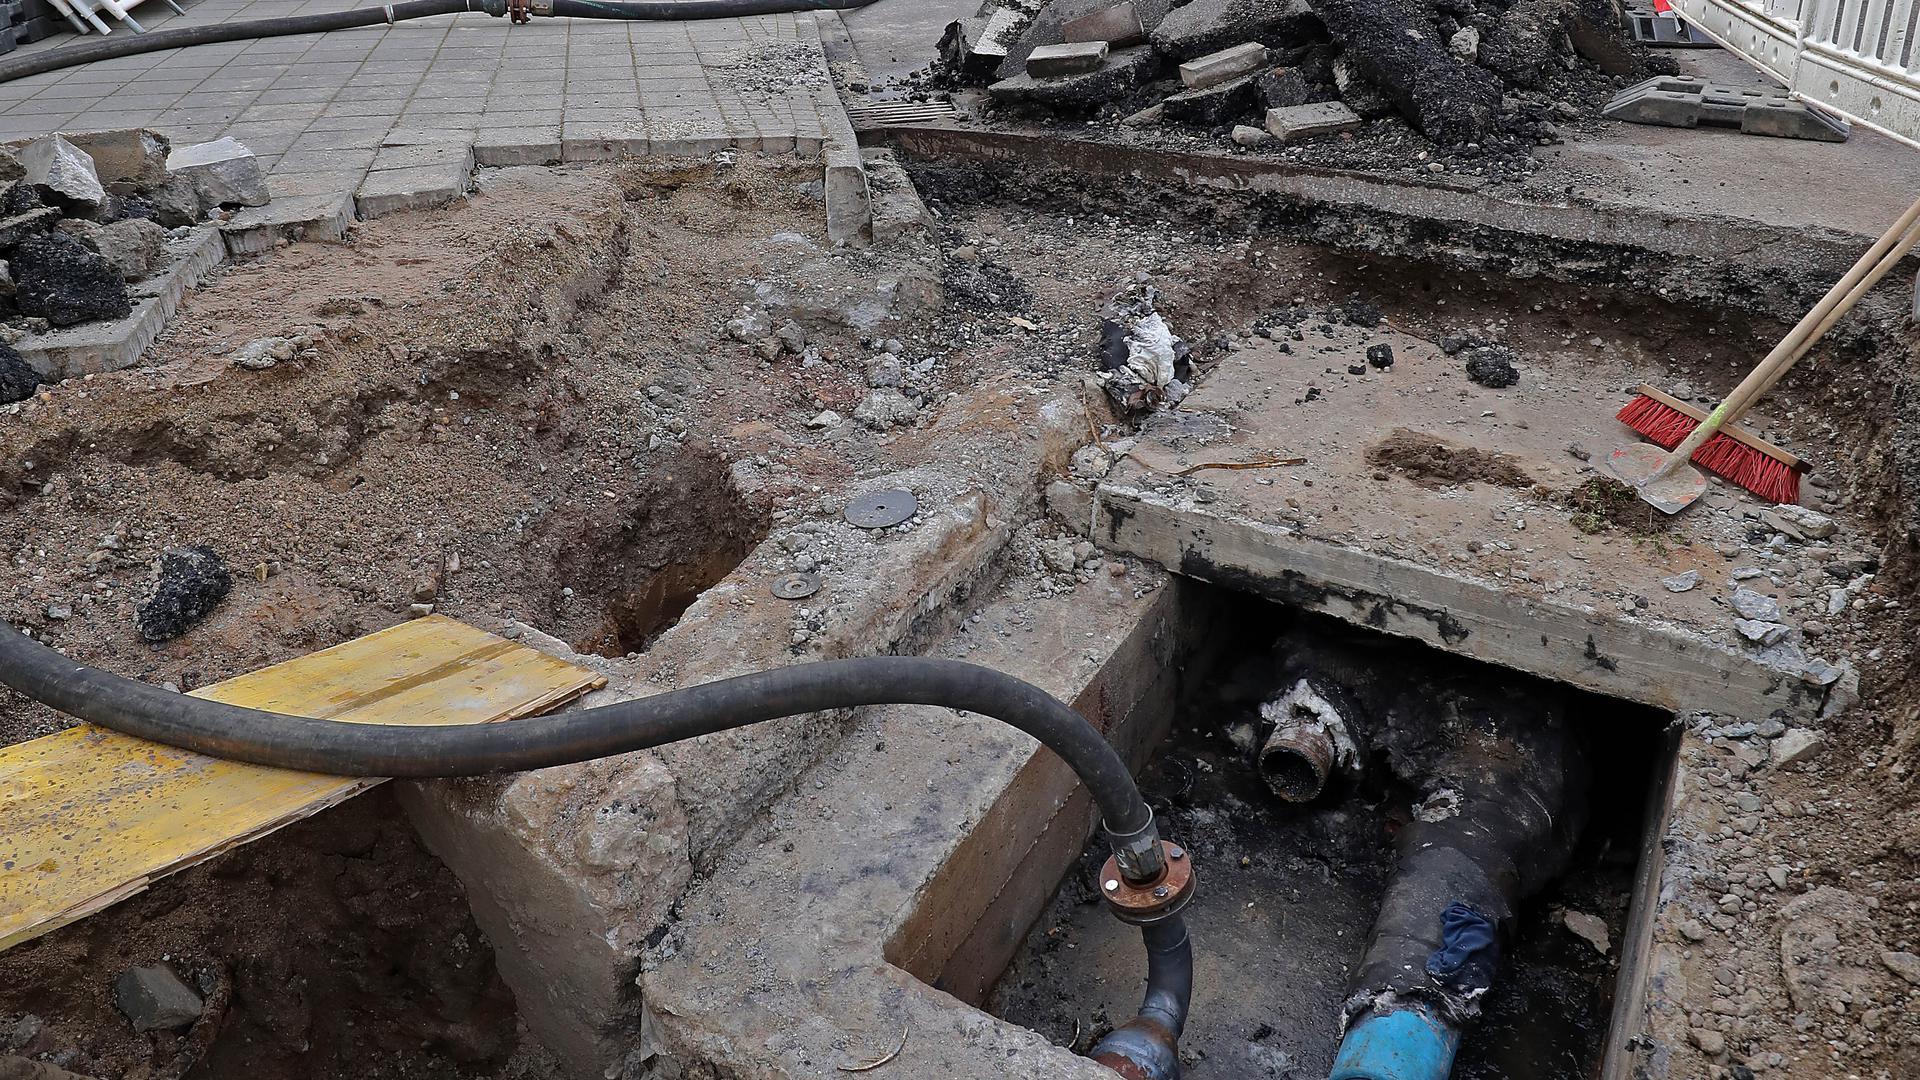 Ein Loch auf der Straße: Am Kreisel in der Karlsruher Sophienstraße ist in einer Grube die Stelle des Rohrbruchs freigelegt. Der Fernwärmeleitung wurde provisorisch mit einem Schlauch geflickt.